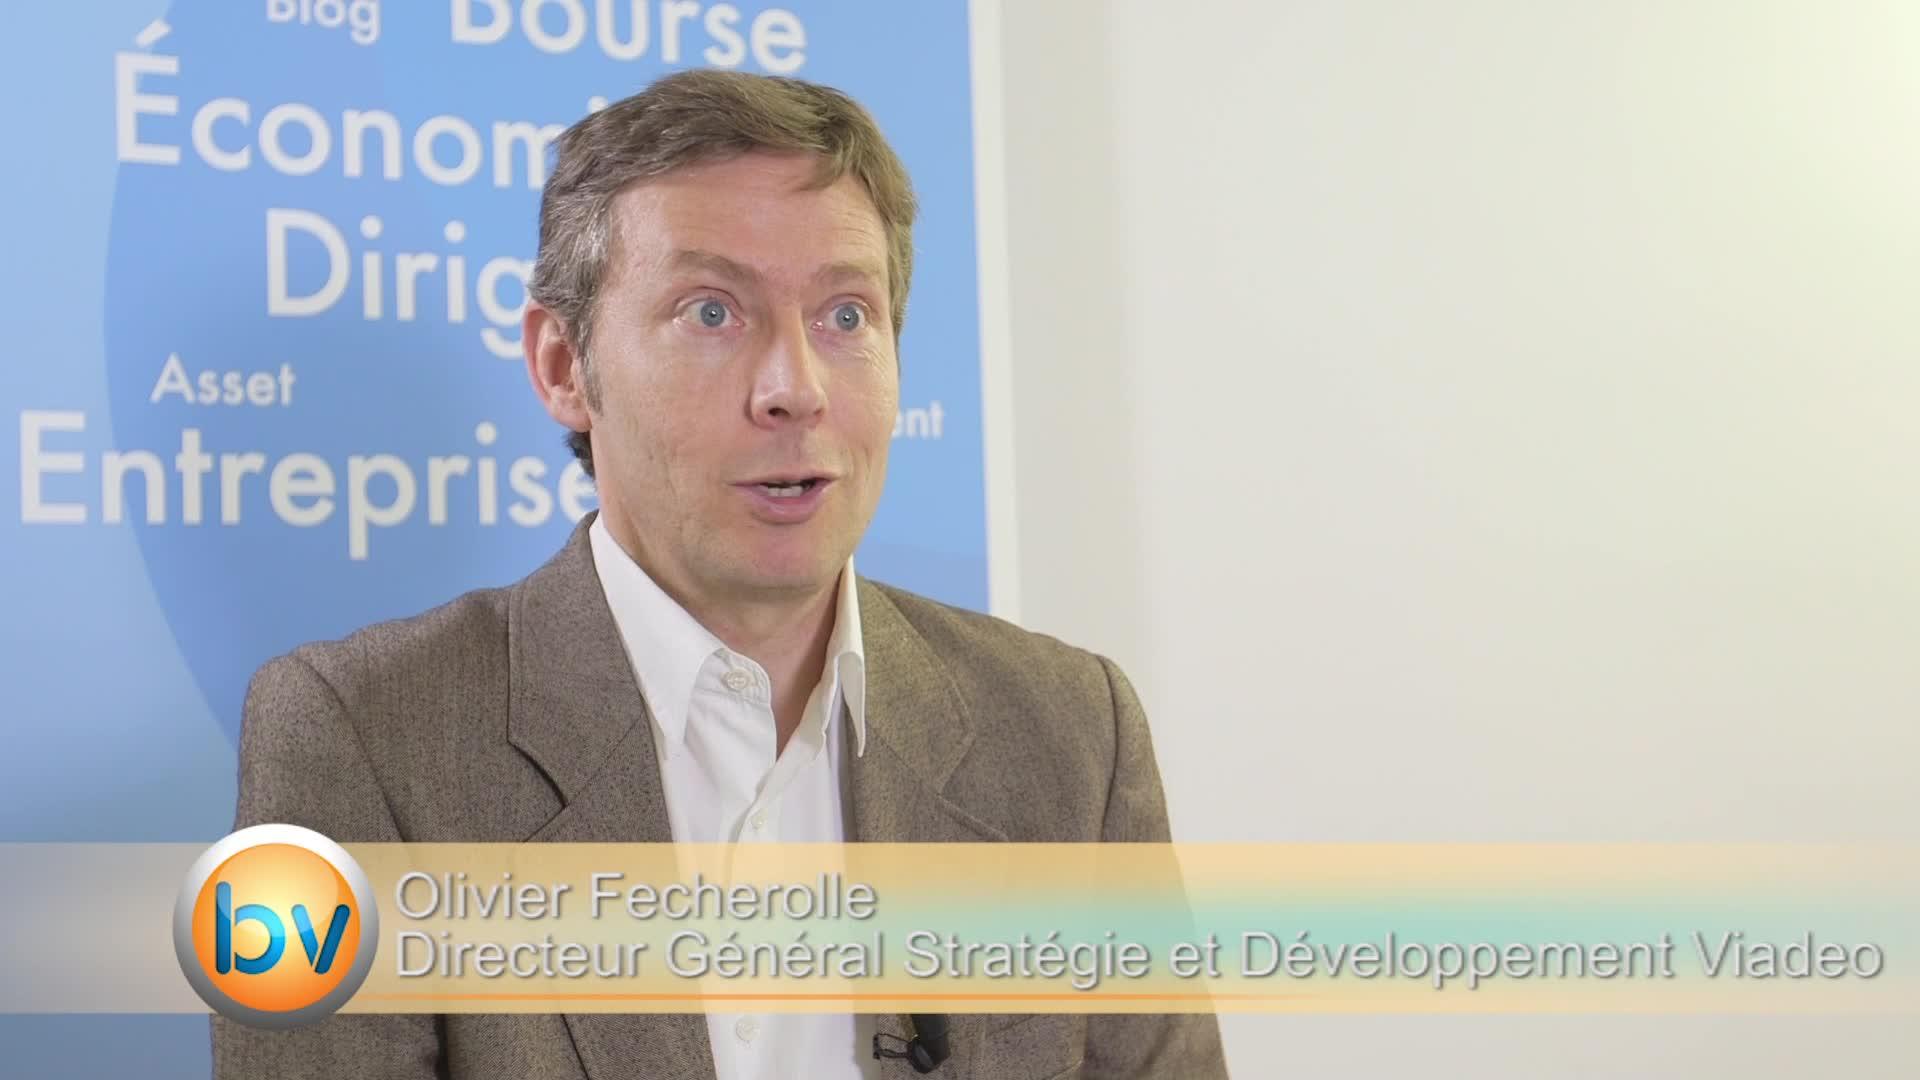 """Olivier Fécherolle, Directeur Général Stratégie et Développement Viadeo : """" Ouvrir le capital en Chine, oui, cession, non !"""""""